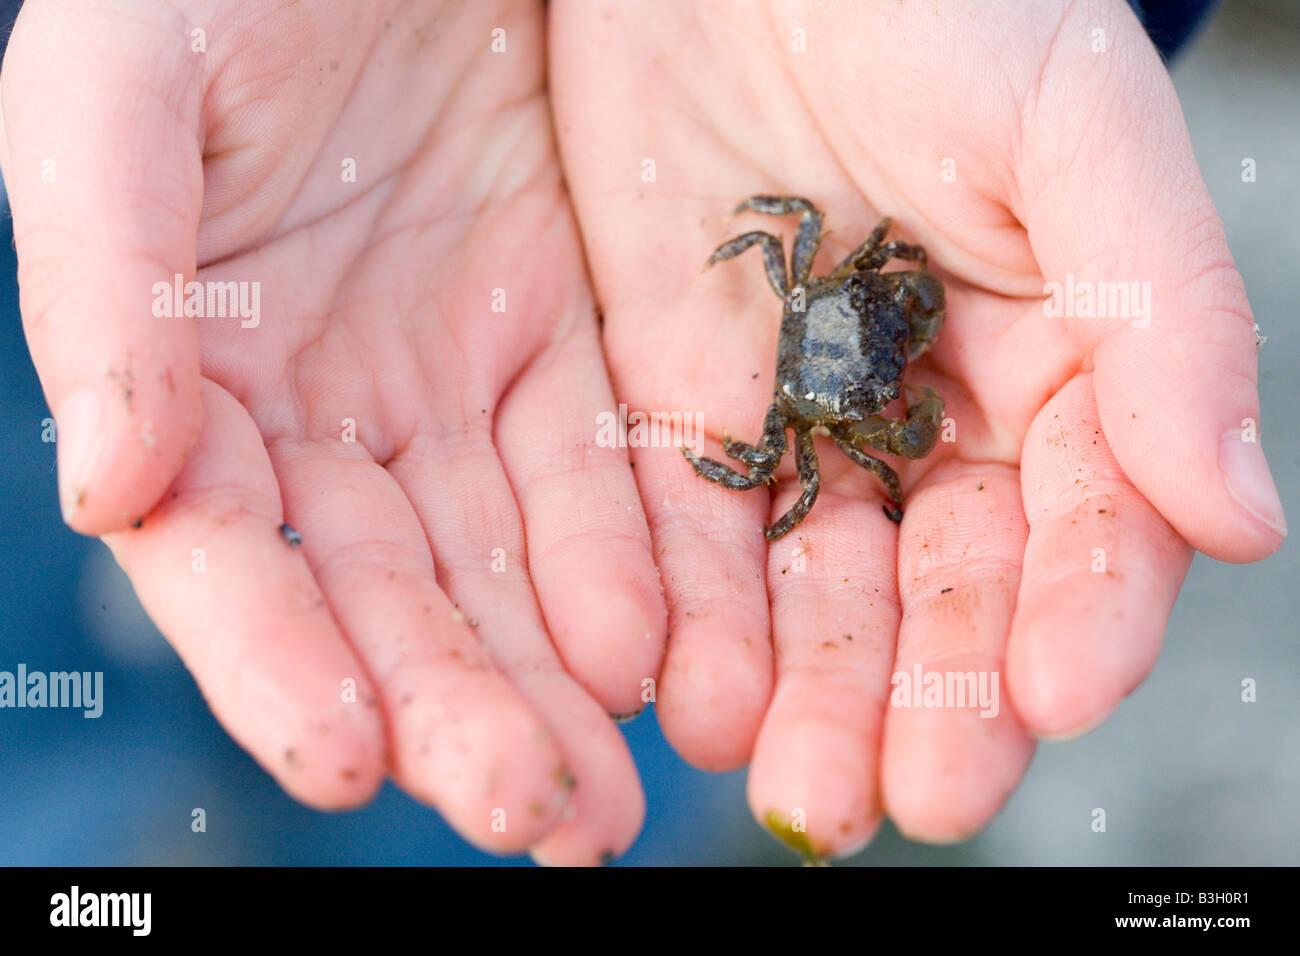 La mano que sujeta el cangrejo, close-up Imagen De Stock